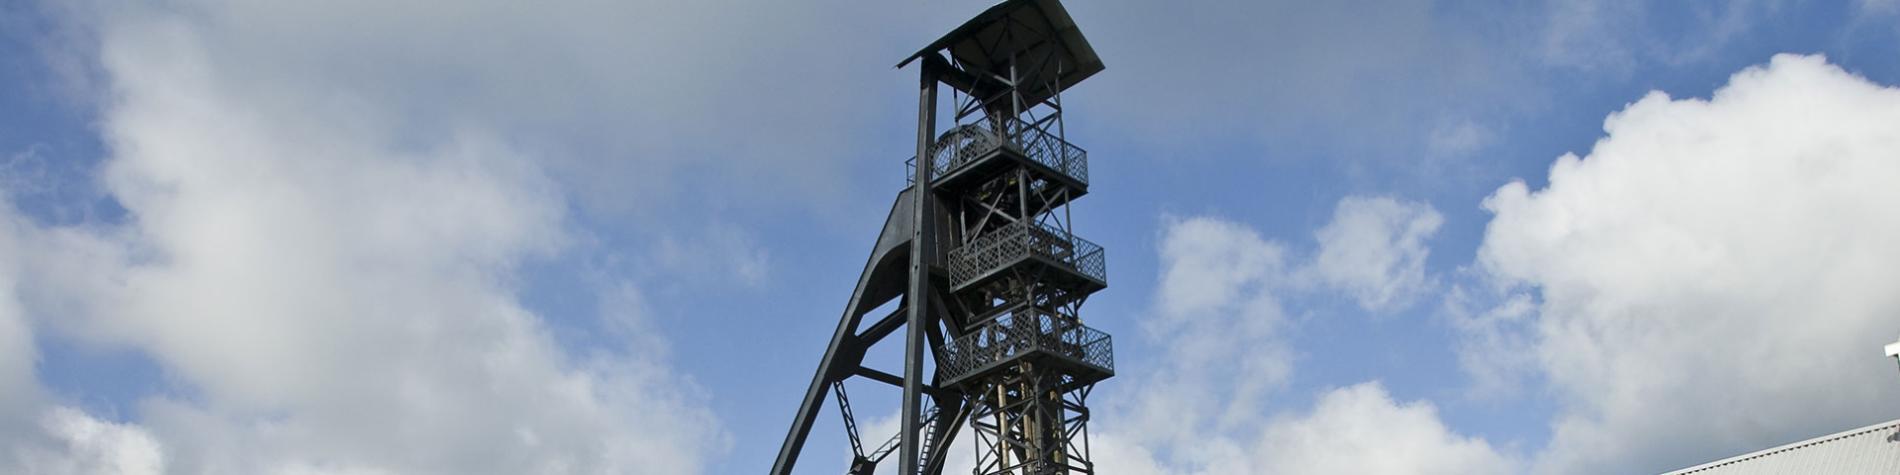 Marcinelle - Bois du Cazier - Mine de Charbonnage - Patrimoine Mondial de l'UNESCO